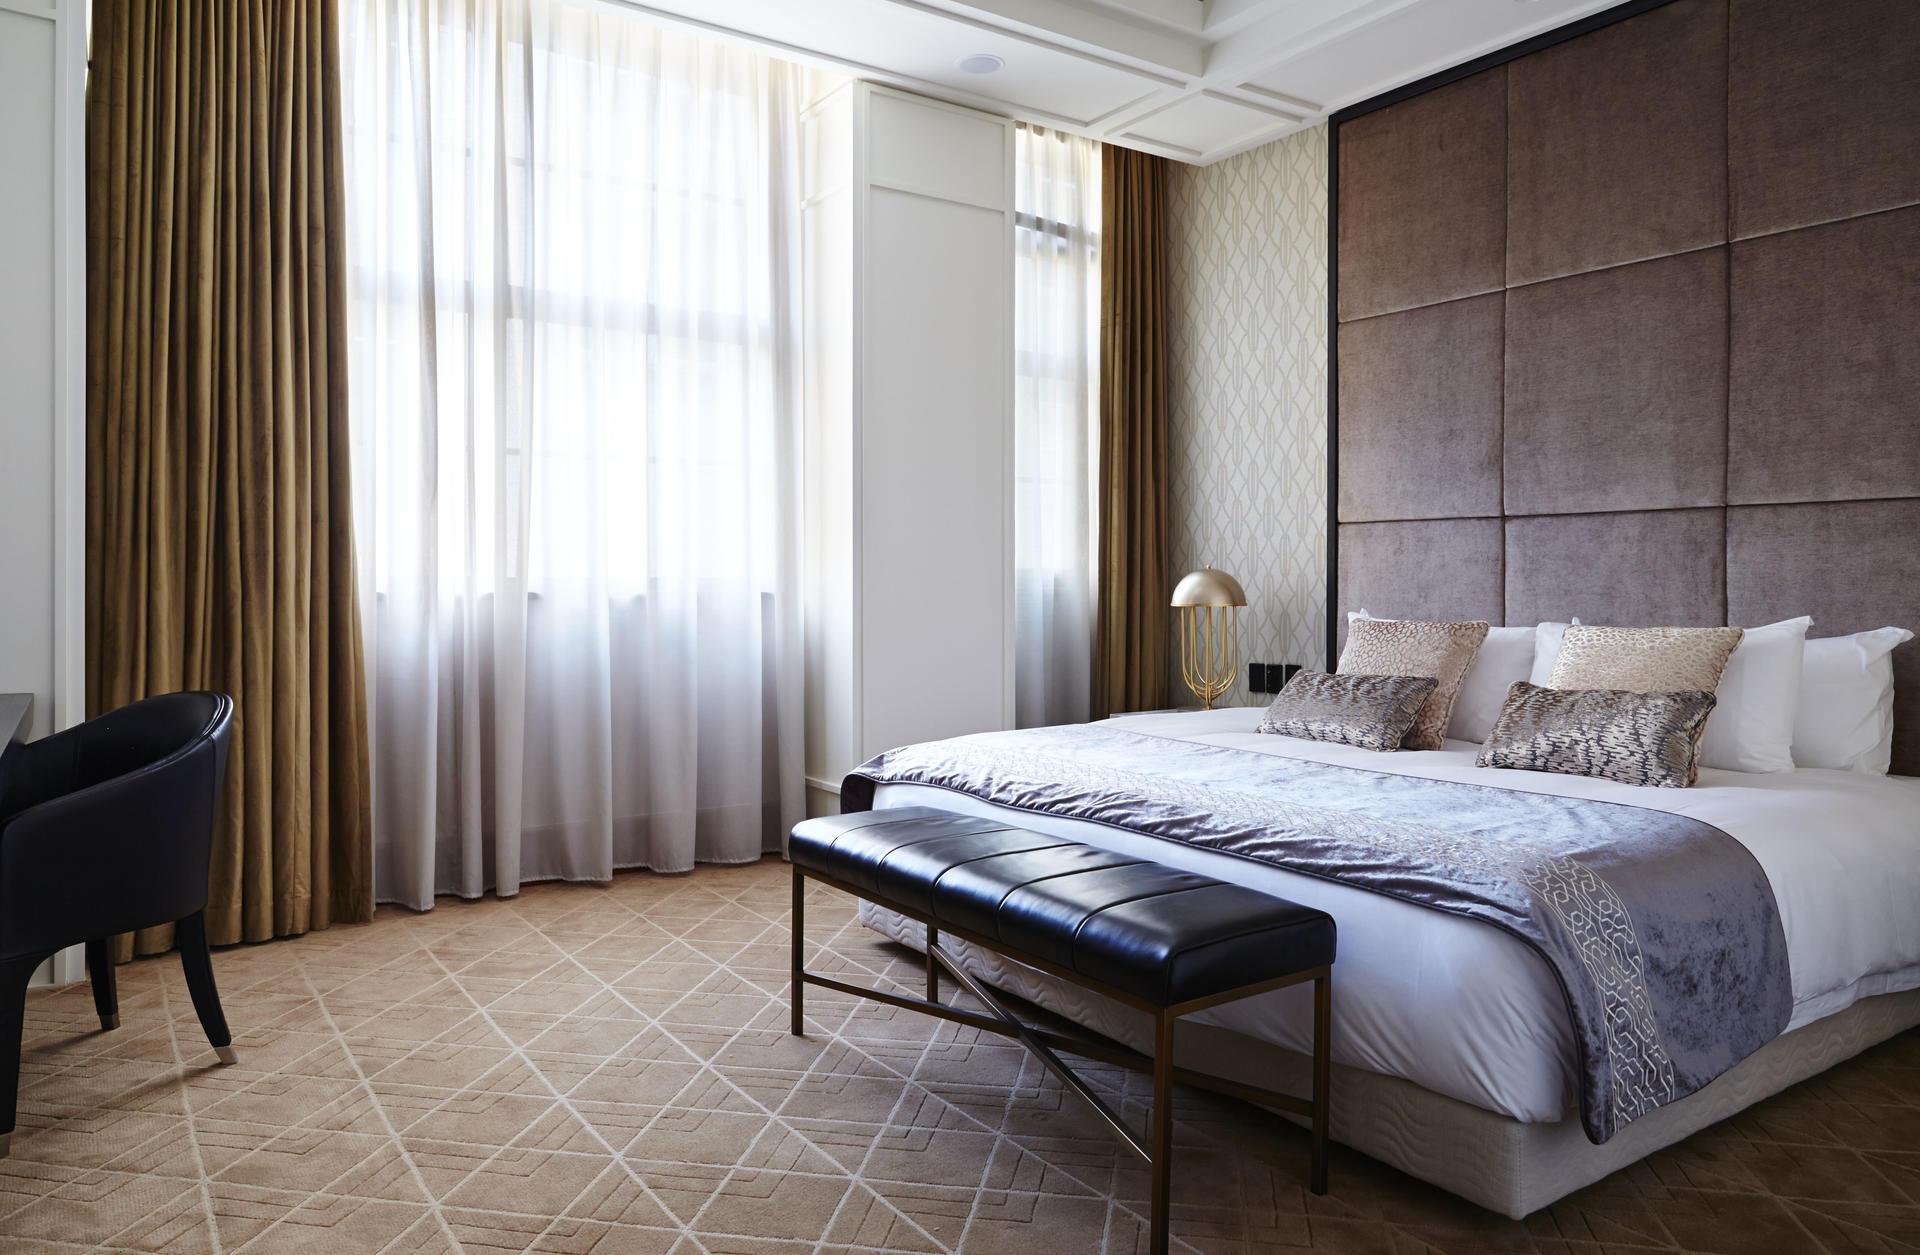 Primus Hotel Sydney - Vice Presidential Suite